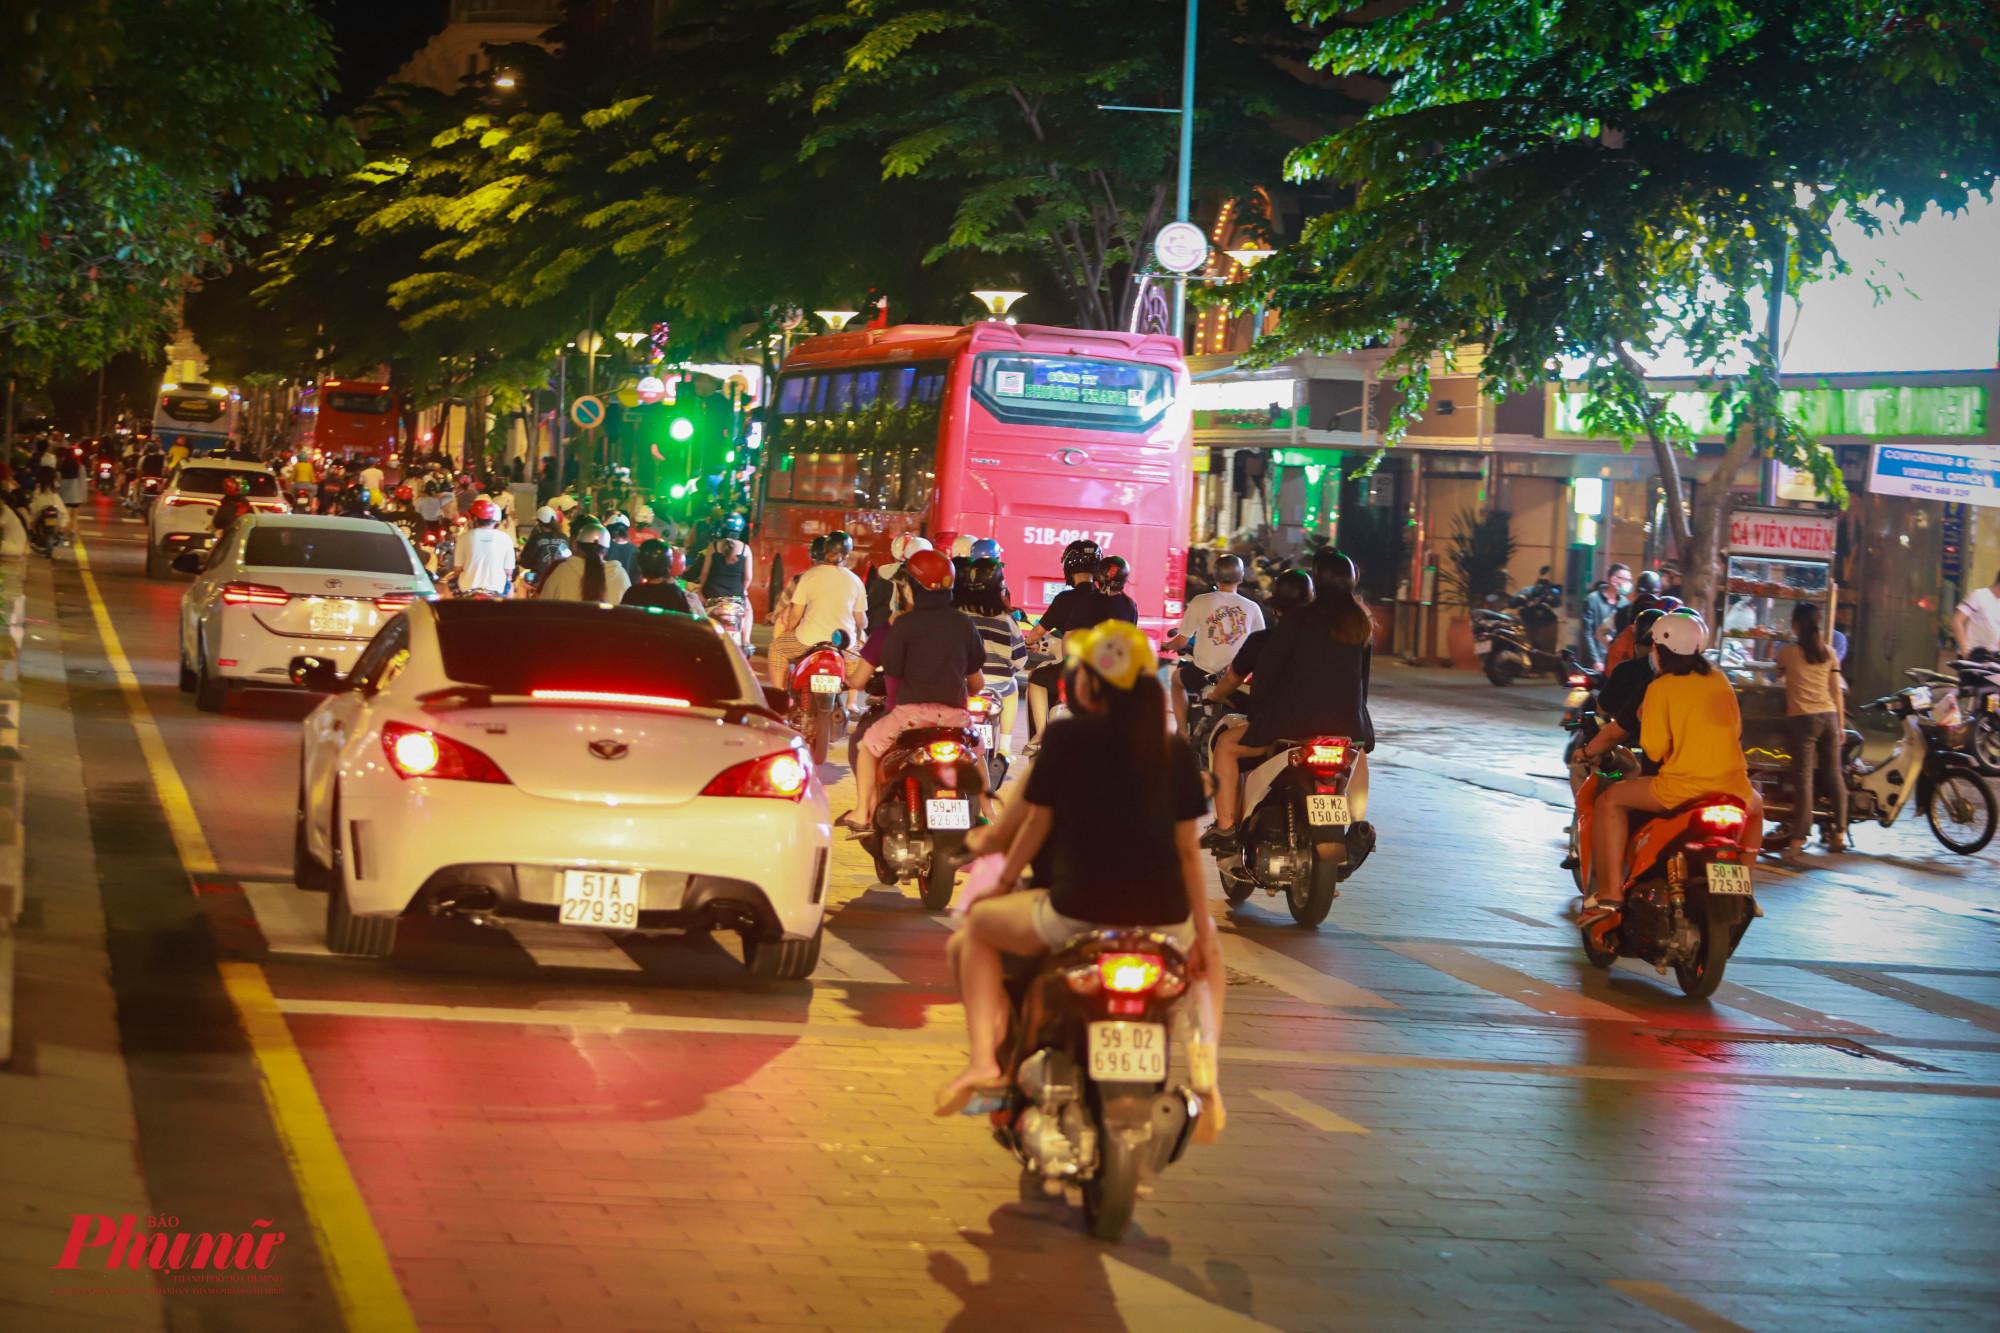 Hai bên đường, các phương tiện tham gia giao thông rất đông